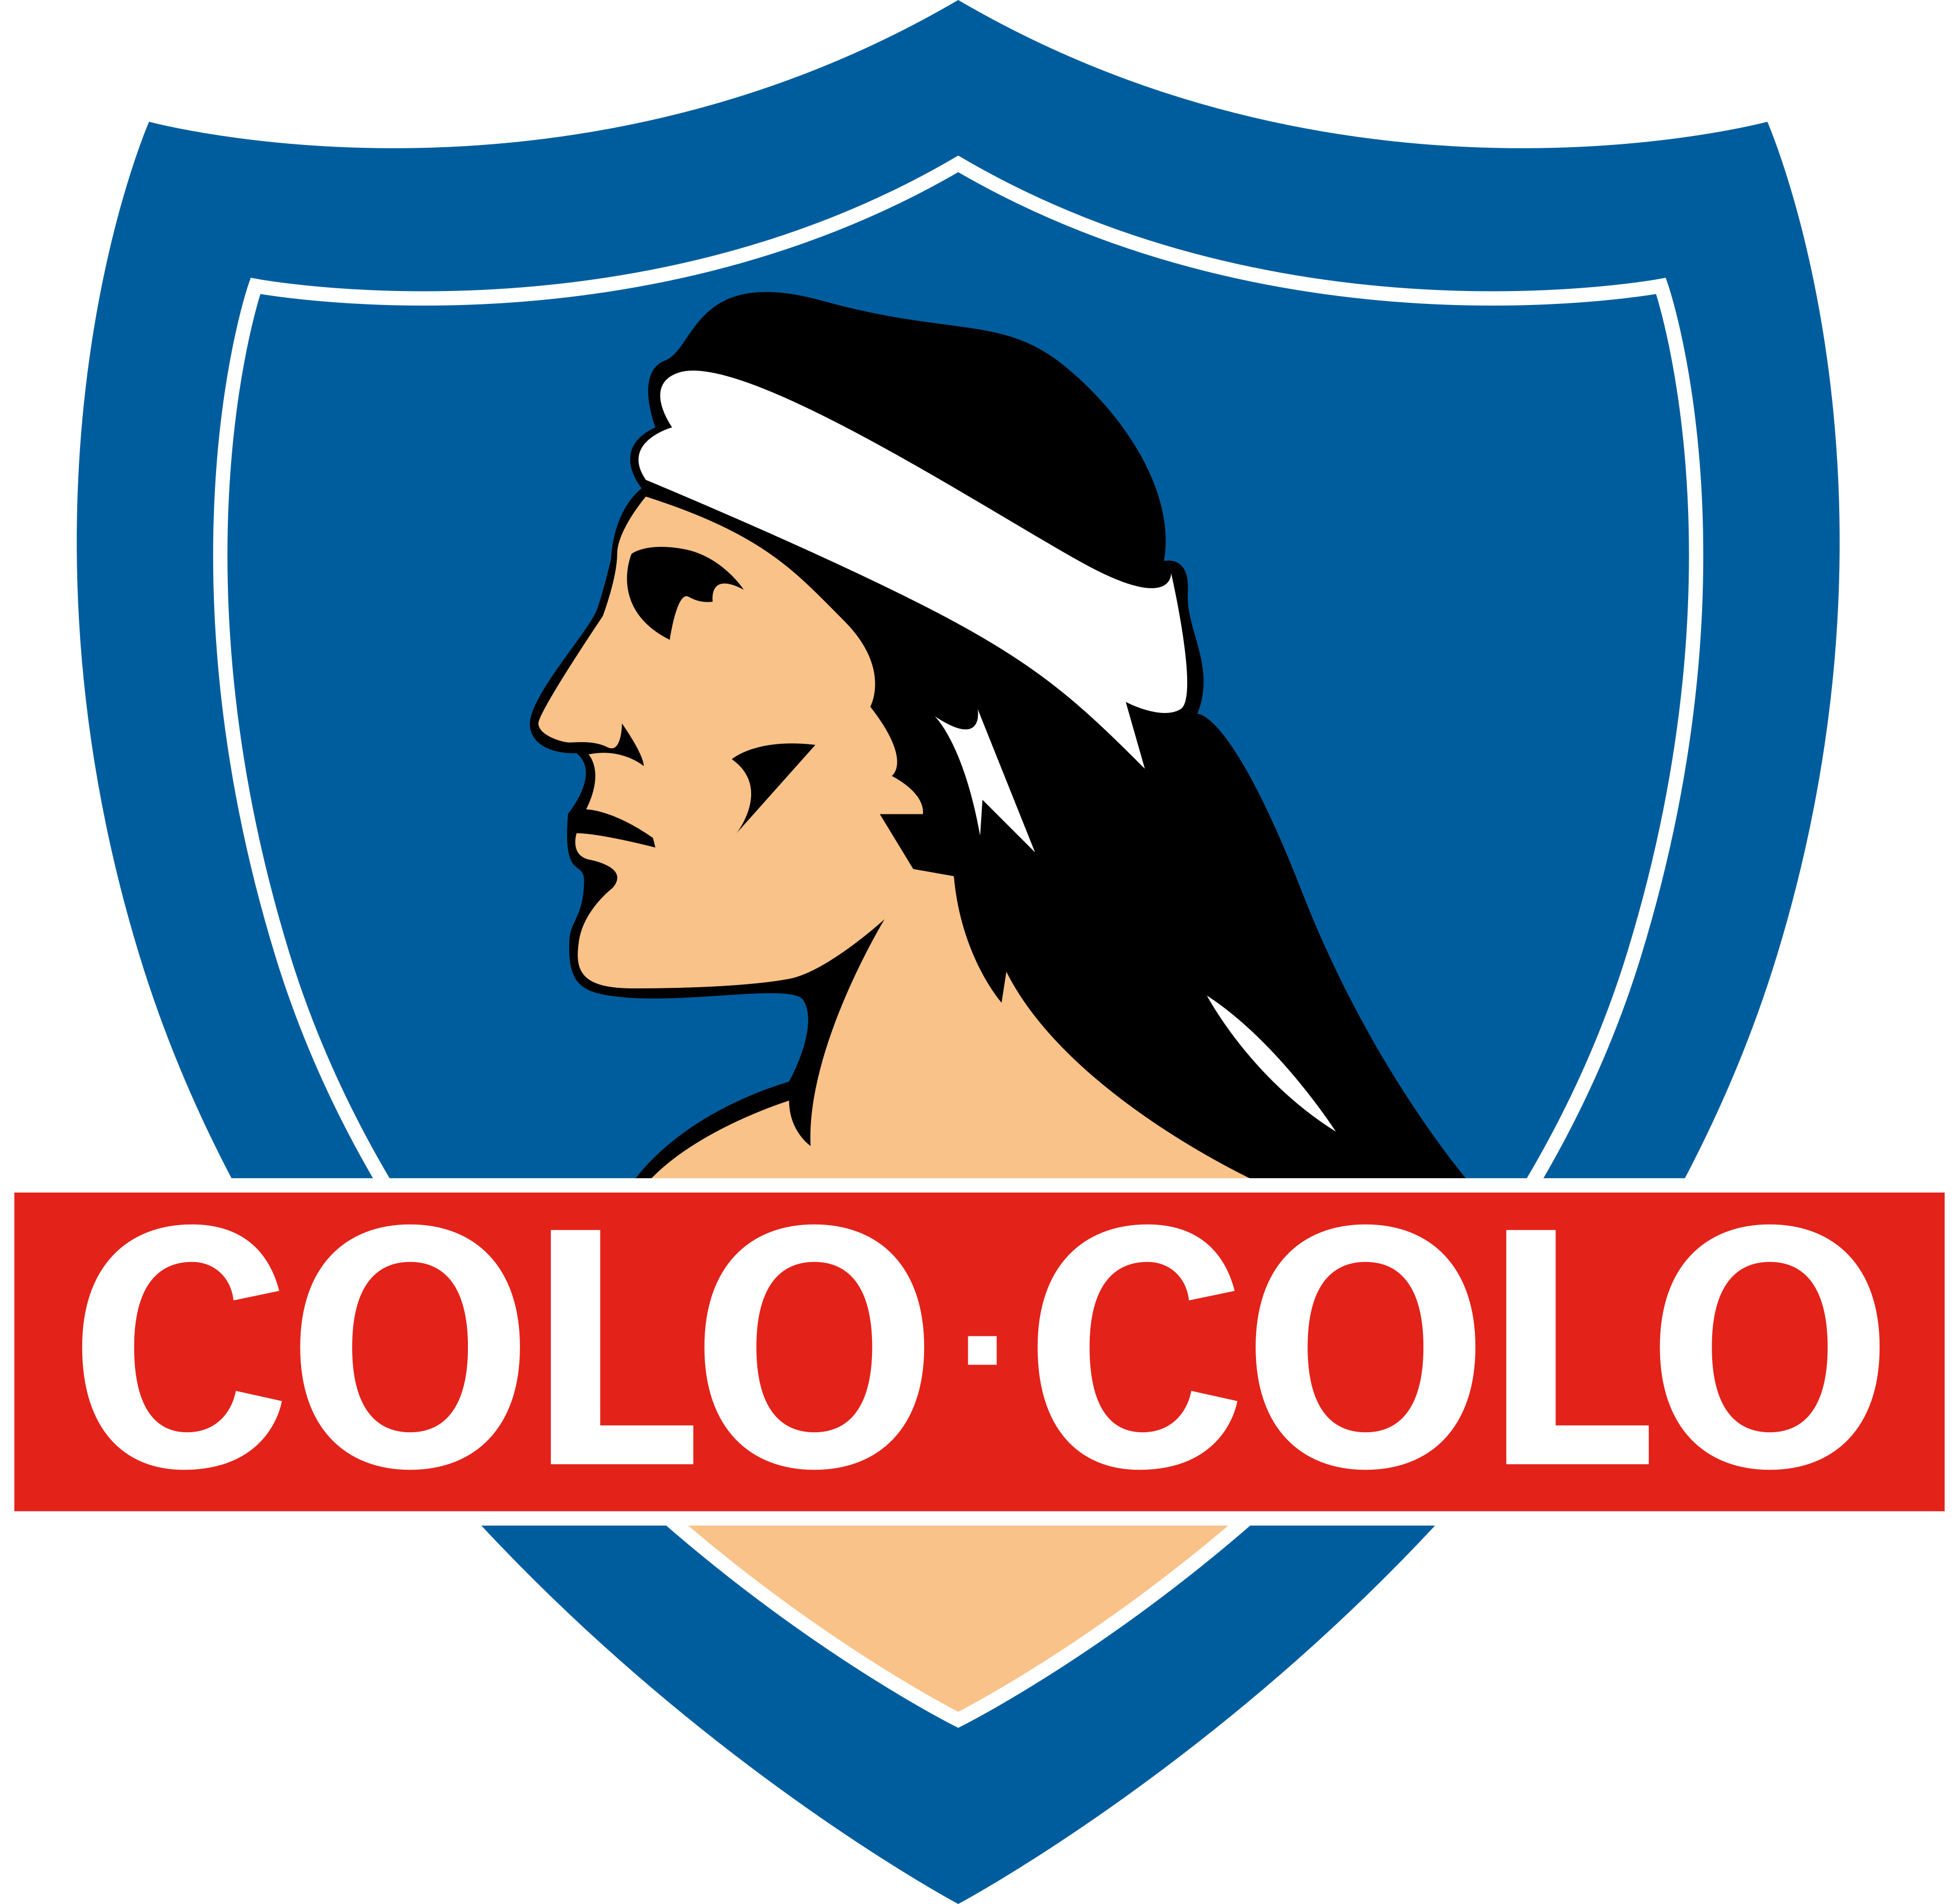 colo colo logo escudo shield - Colo Colo Logo - Escudo